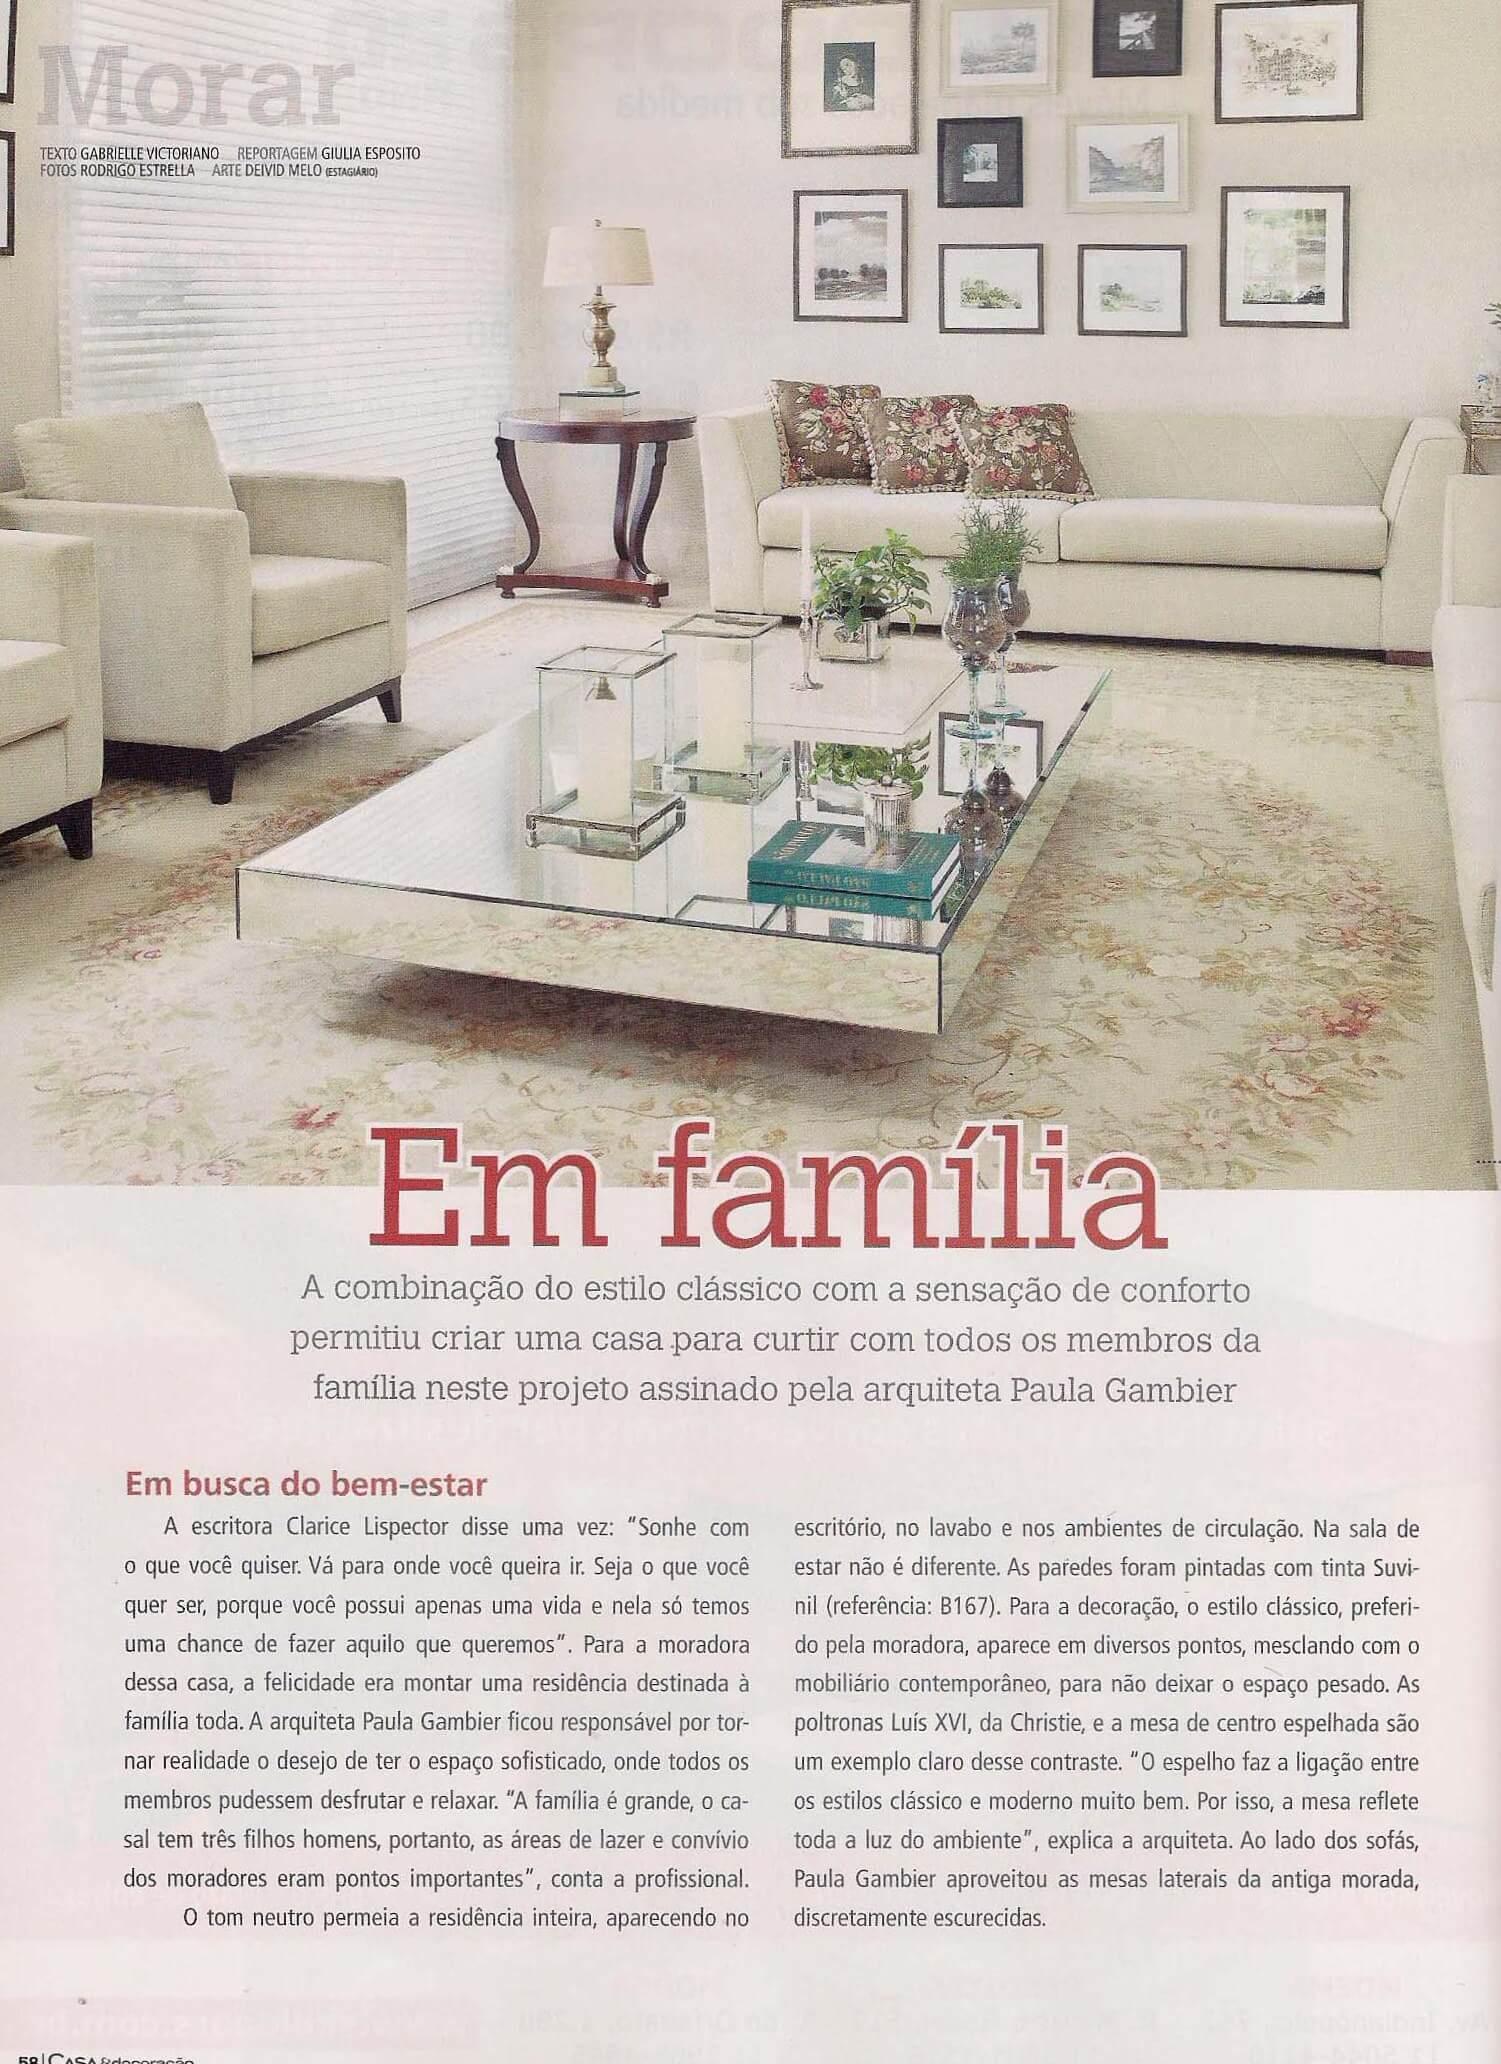 Casa & Decoracao   - out  2012 - 2